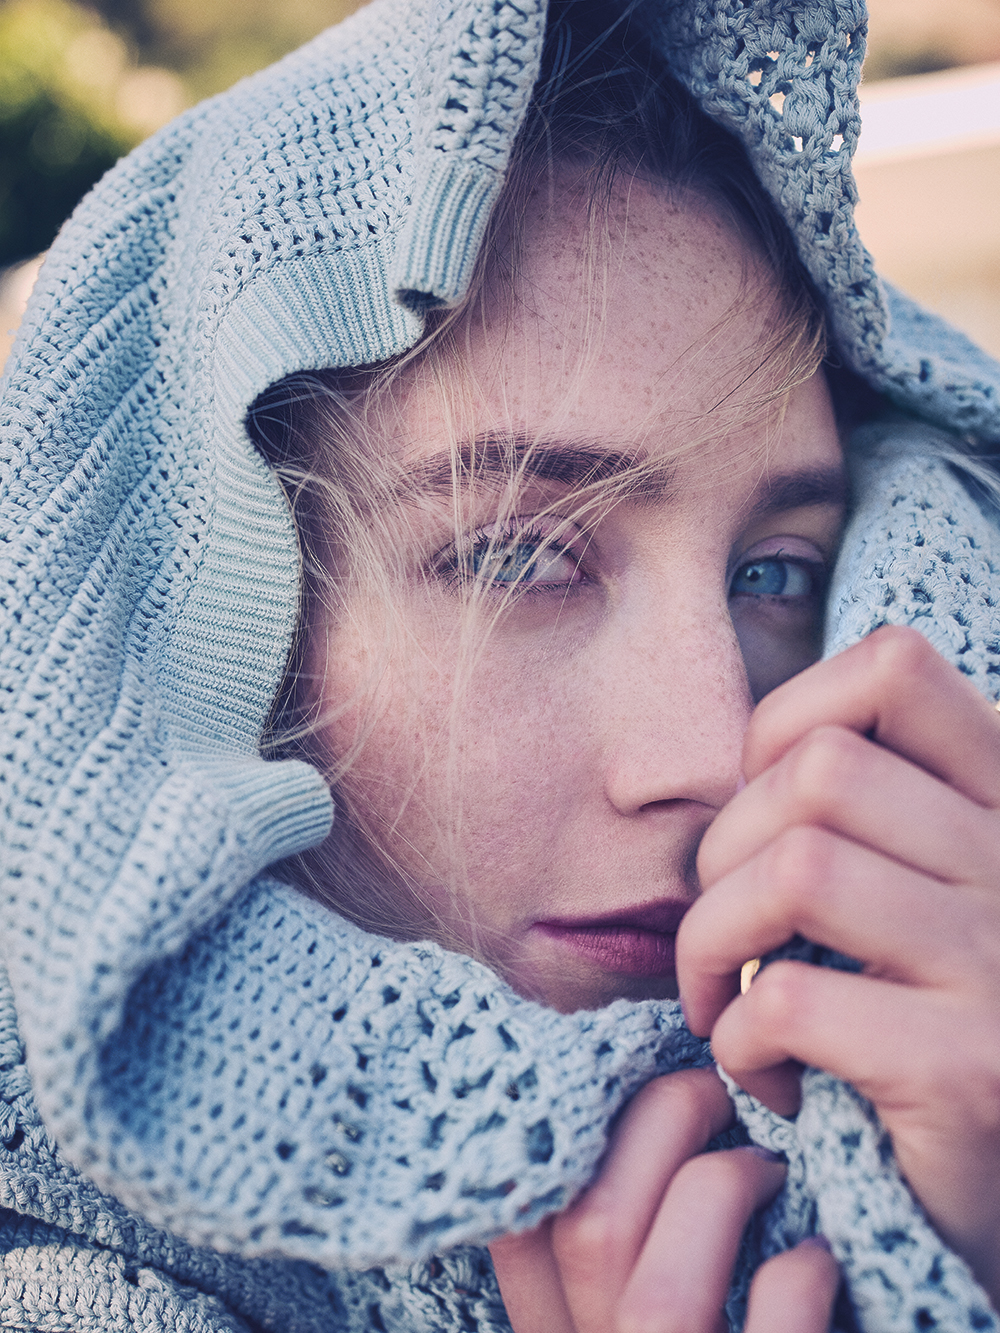 Saoirse Ronan Variety Cover Story